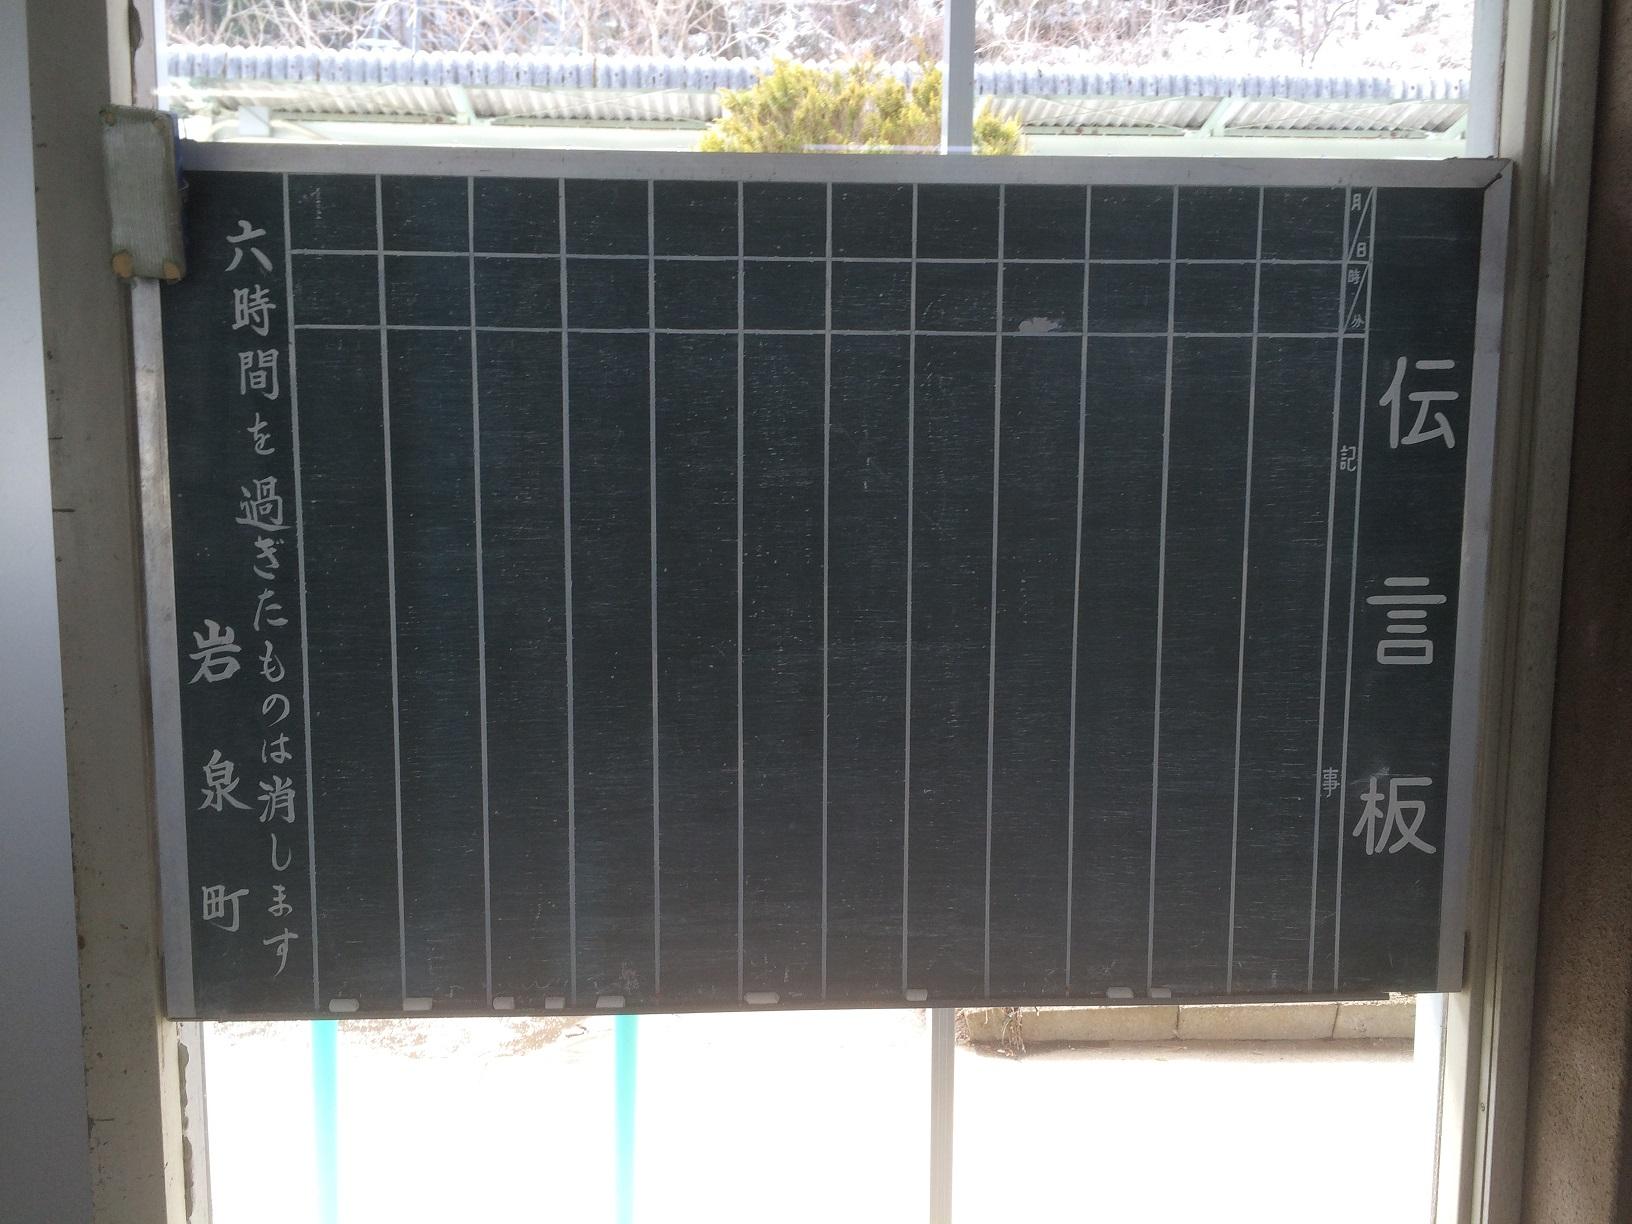 Iwaizumi11